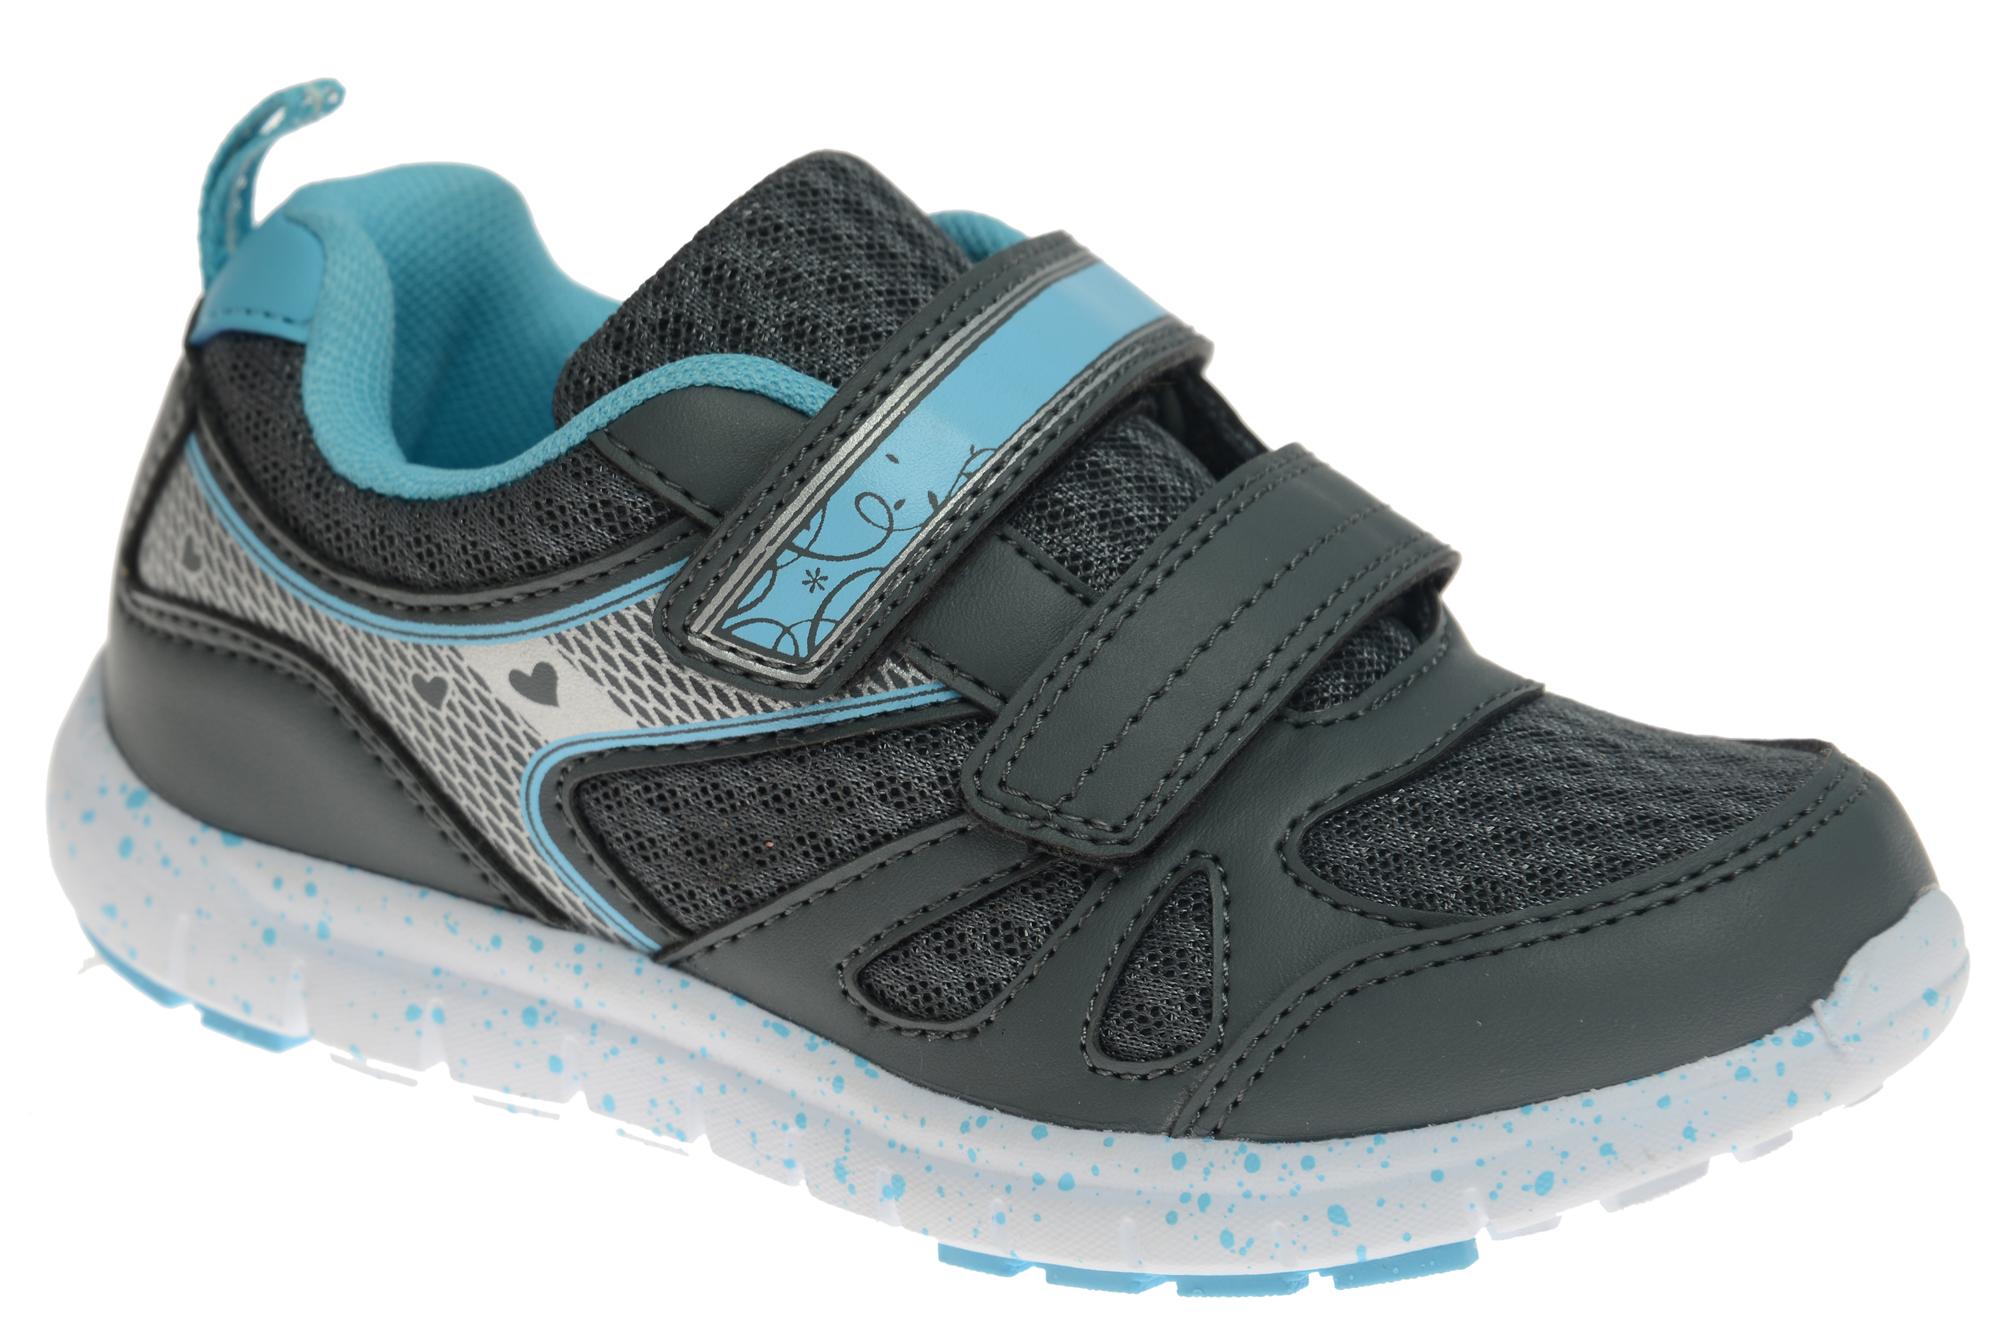 S1423-1Стильные кроссовки для мальчика Strobbs отлично подойдут для активного отдыха и повседневной носки. Верх модели выполнен из дышащего текстиля со вставками из синтетической кожи. Удобные хлястики на липучке надежно зафиксируют модель на стопе. Особая форма подошвы из термопластичной резины обеспечит удобство при ходьбе.